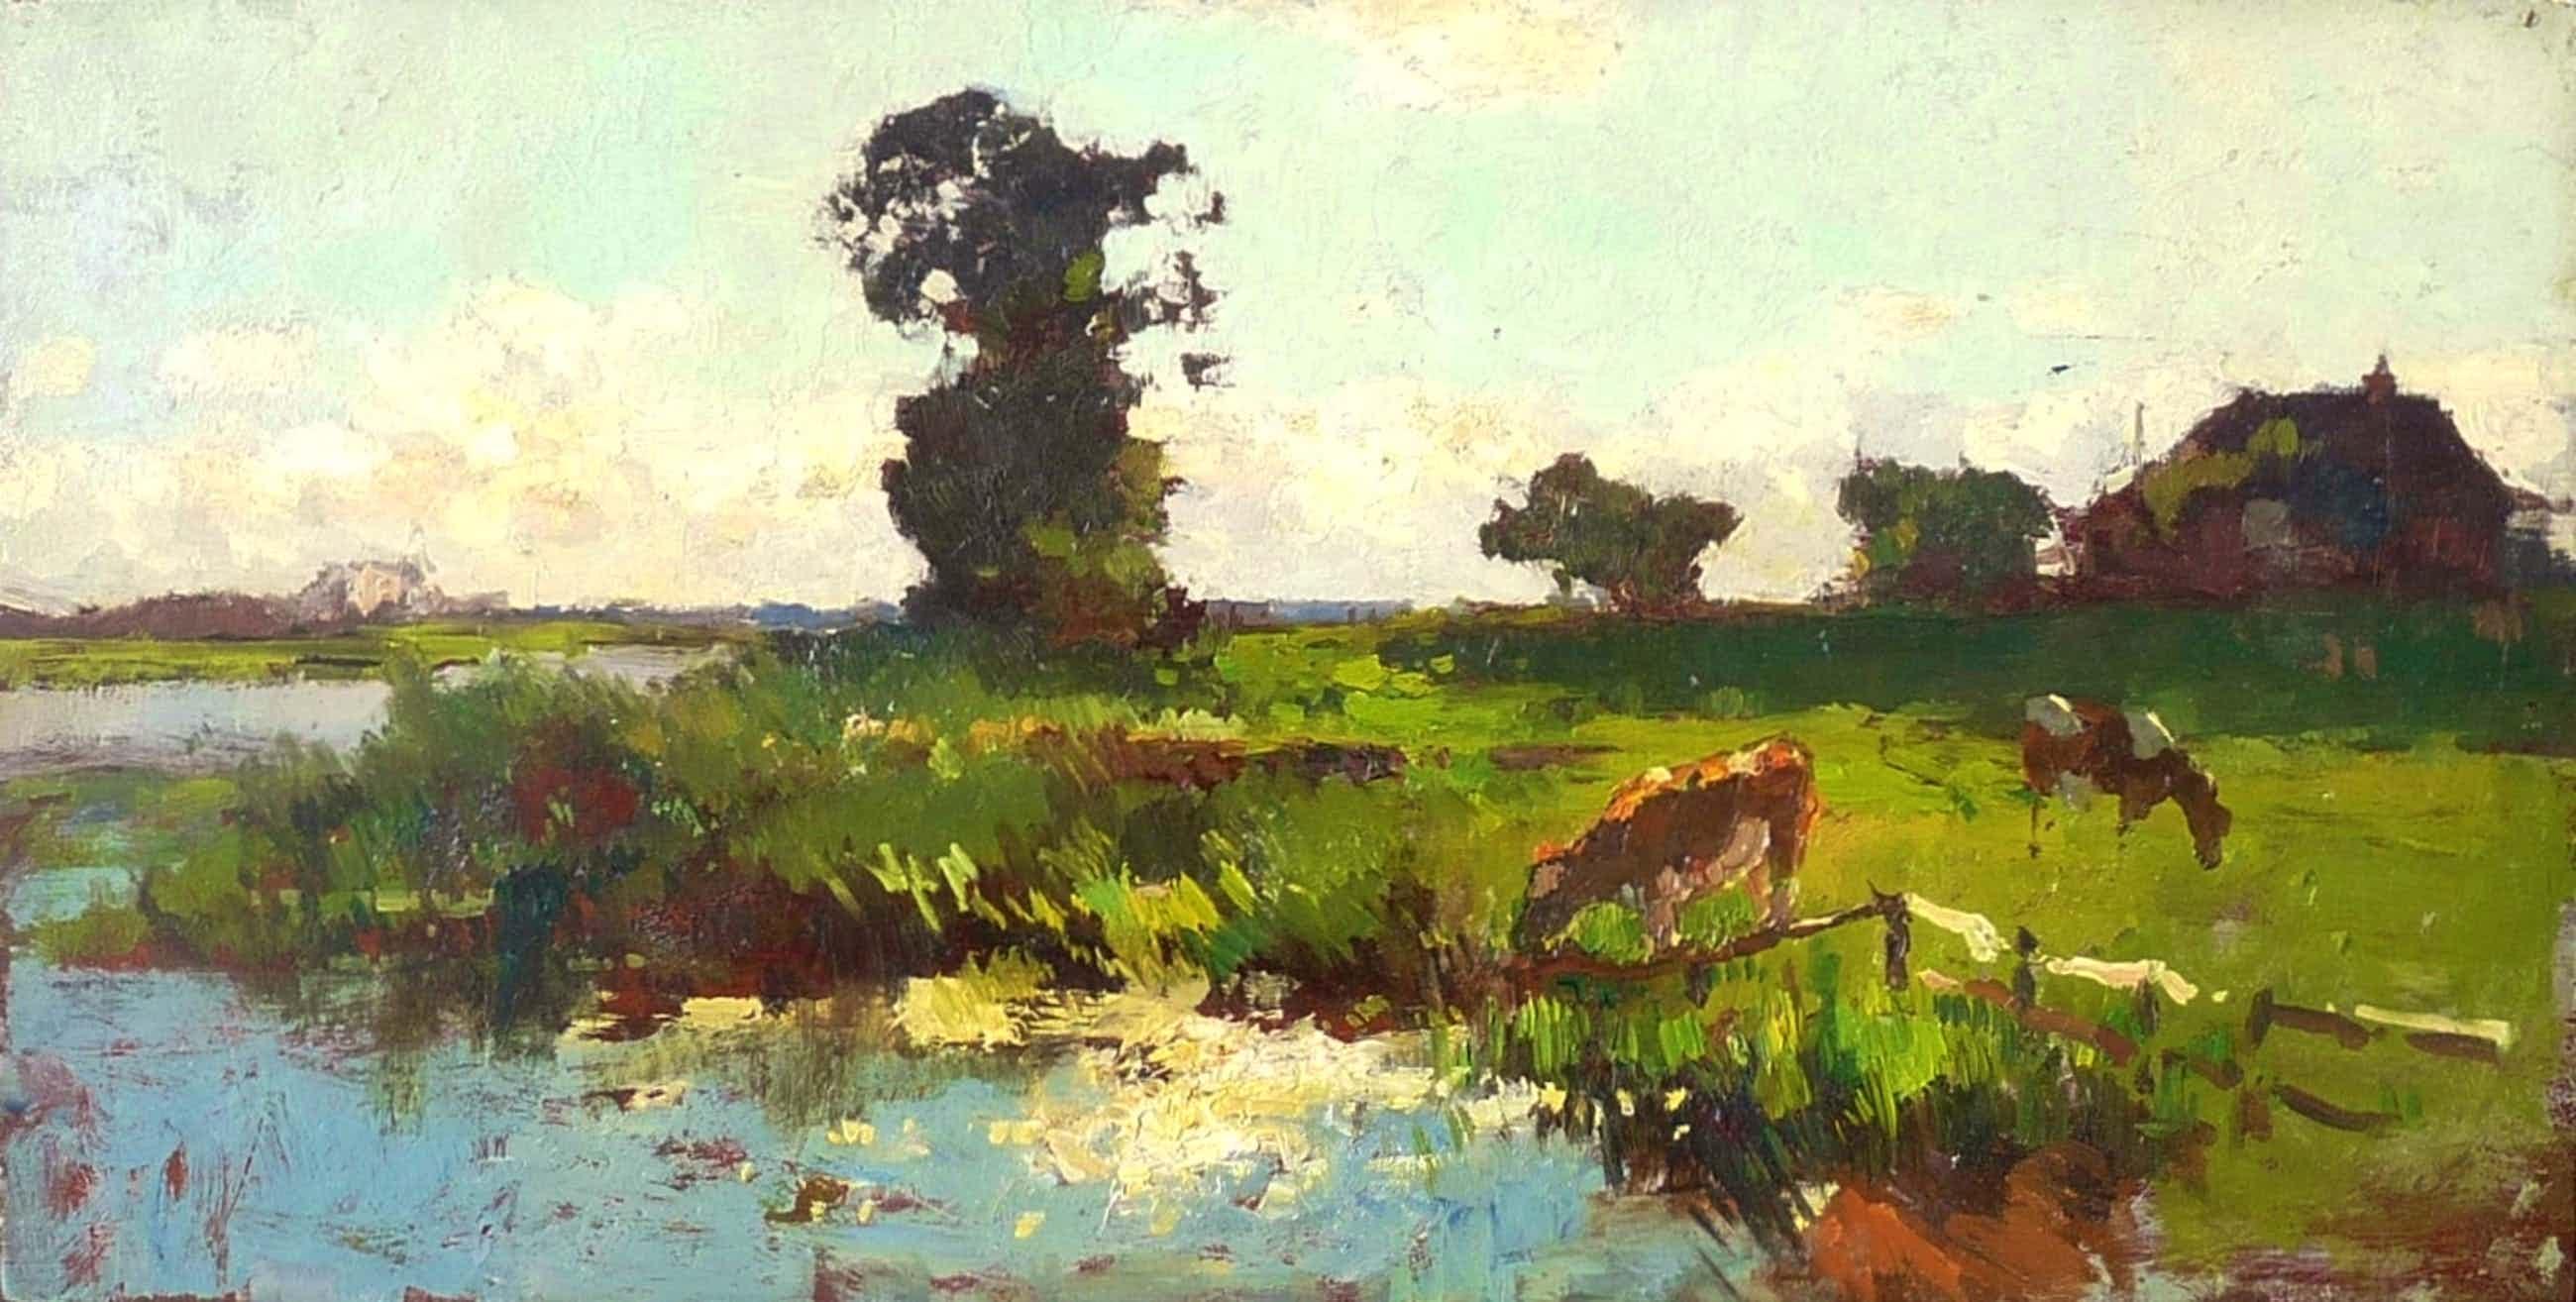 Cornelis Vreedenburgh - Polder met water, koeien, bomen en boerderij kopen? Bied vanaf 1000!